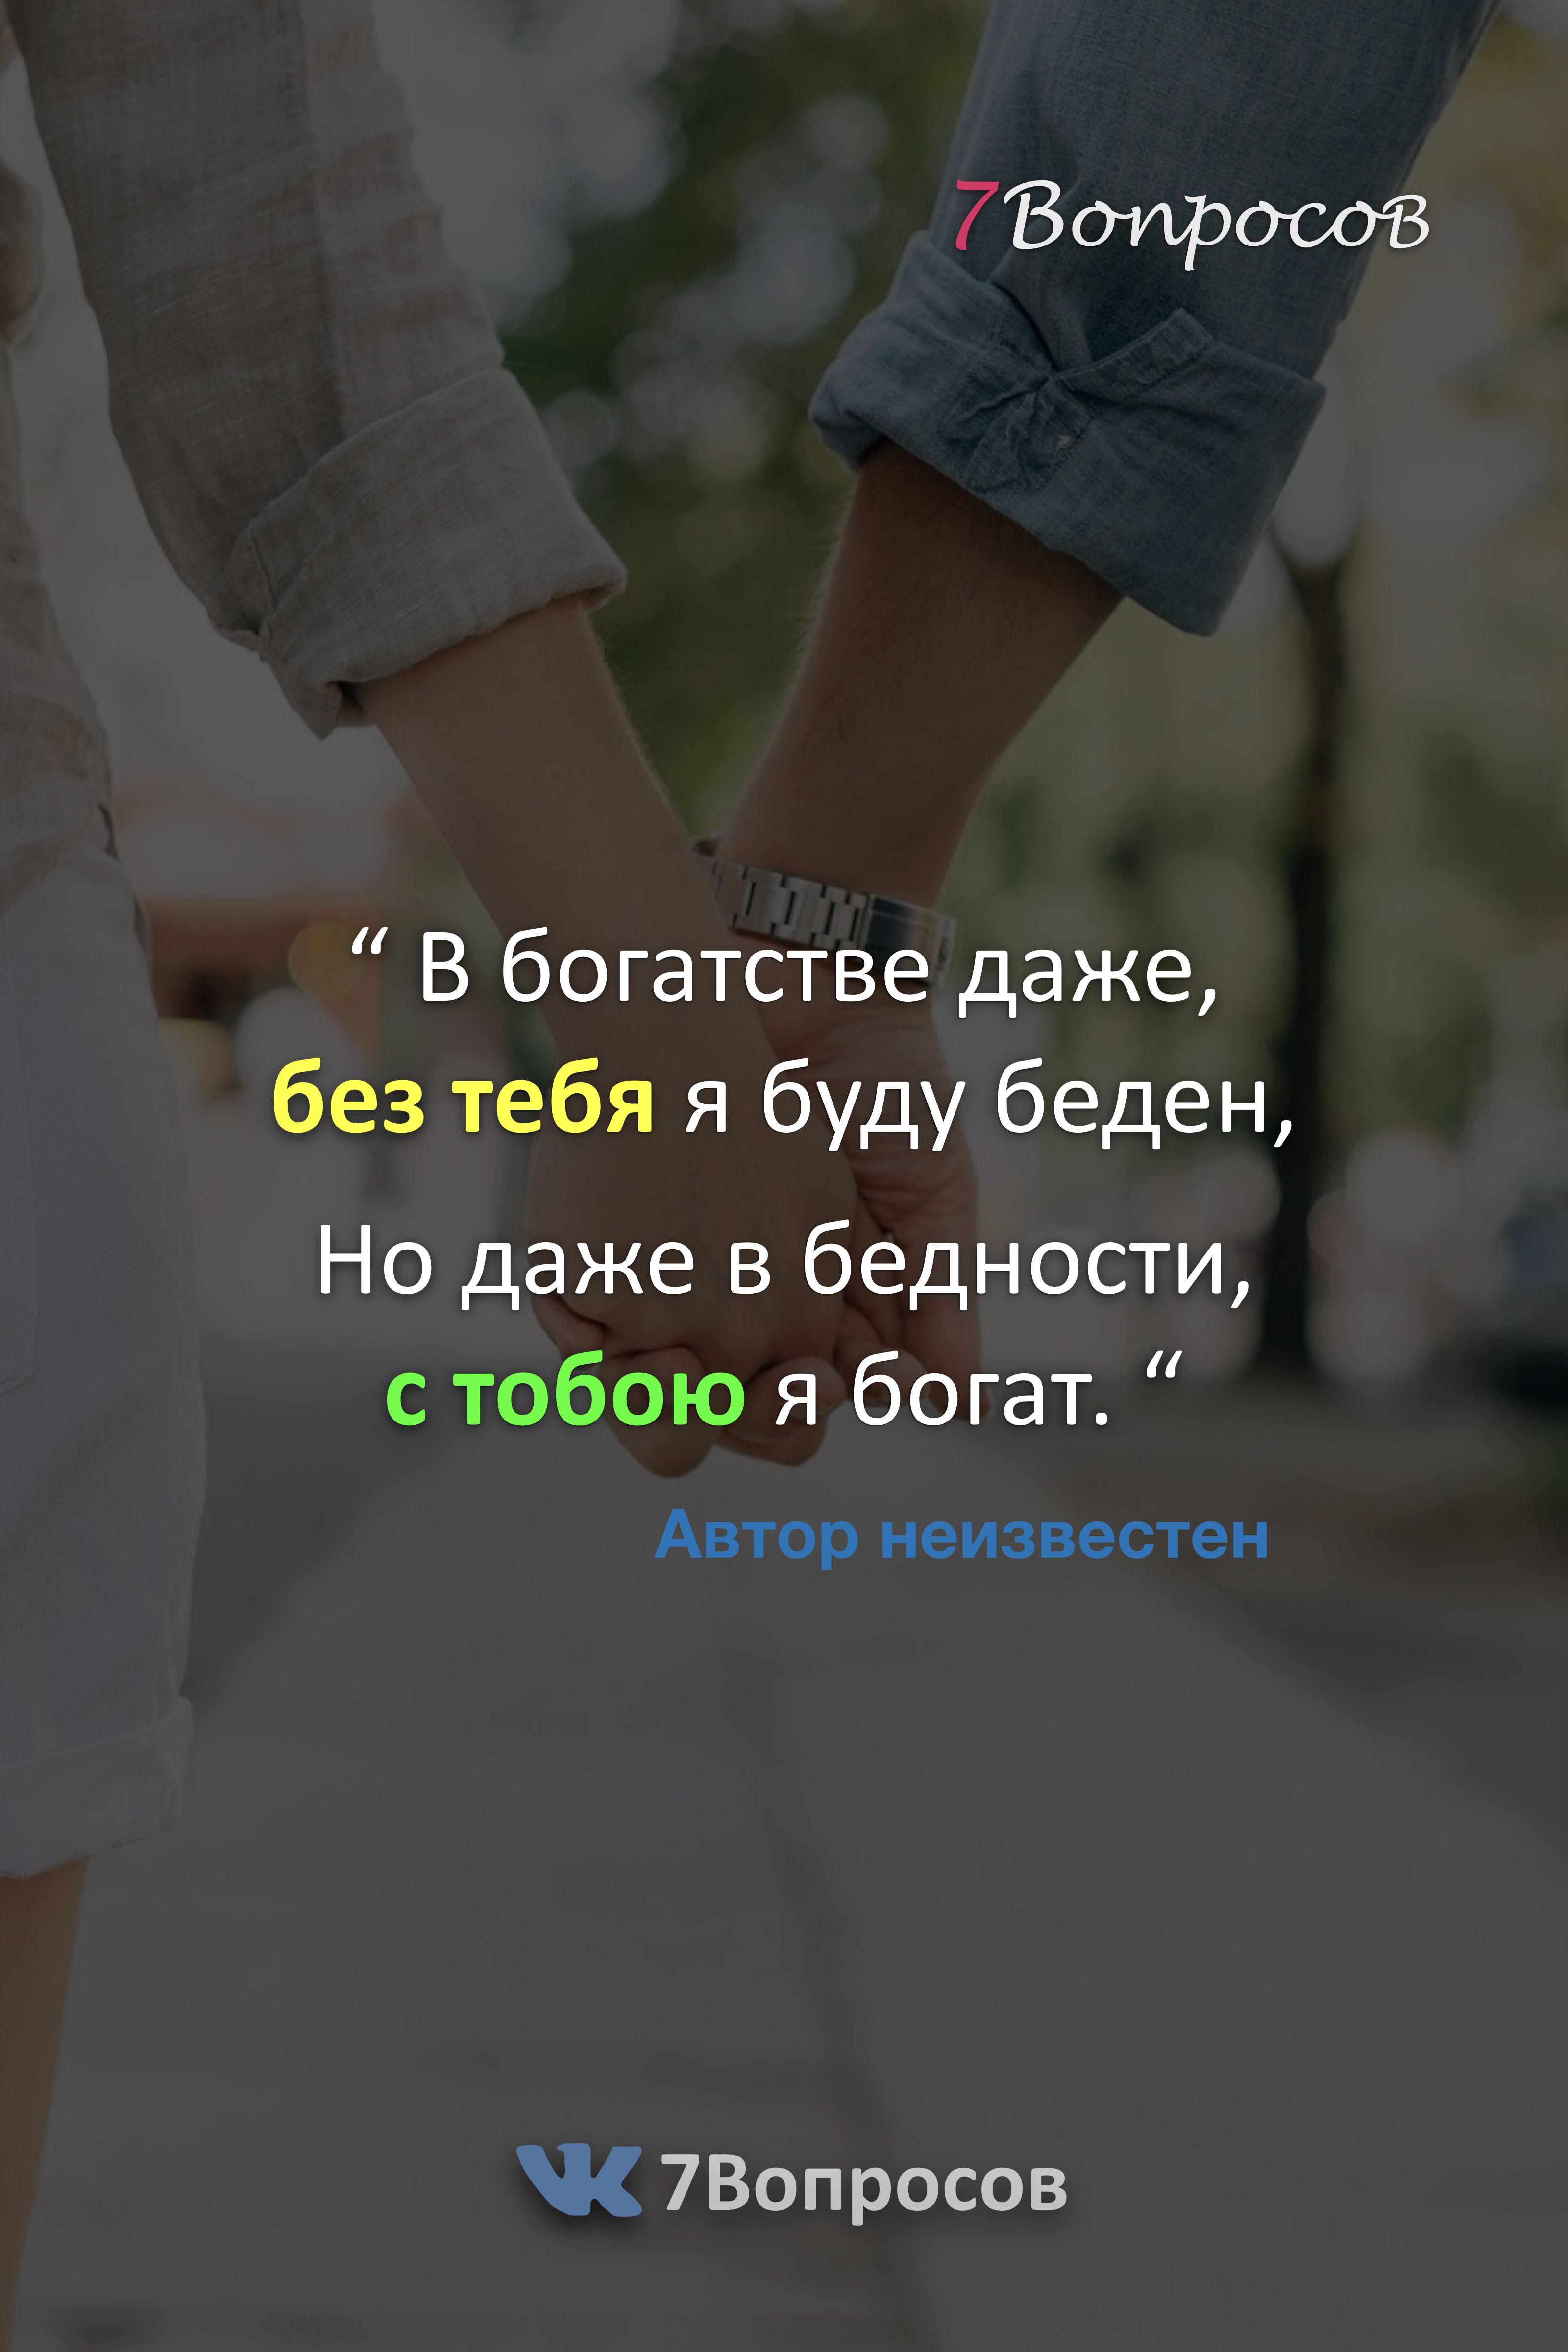 7voprosov V Vkontakte Citaty Mudrye Citaty Citaty Literaturnye Citaty